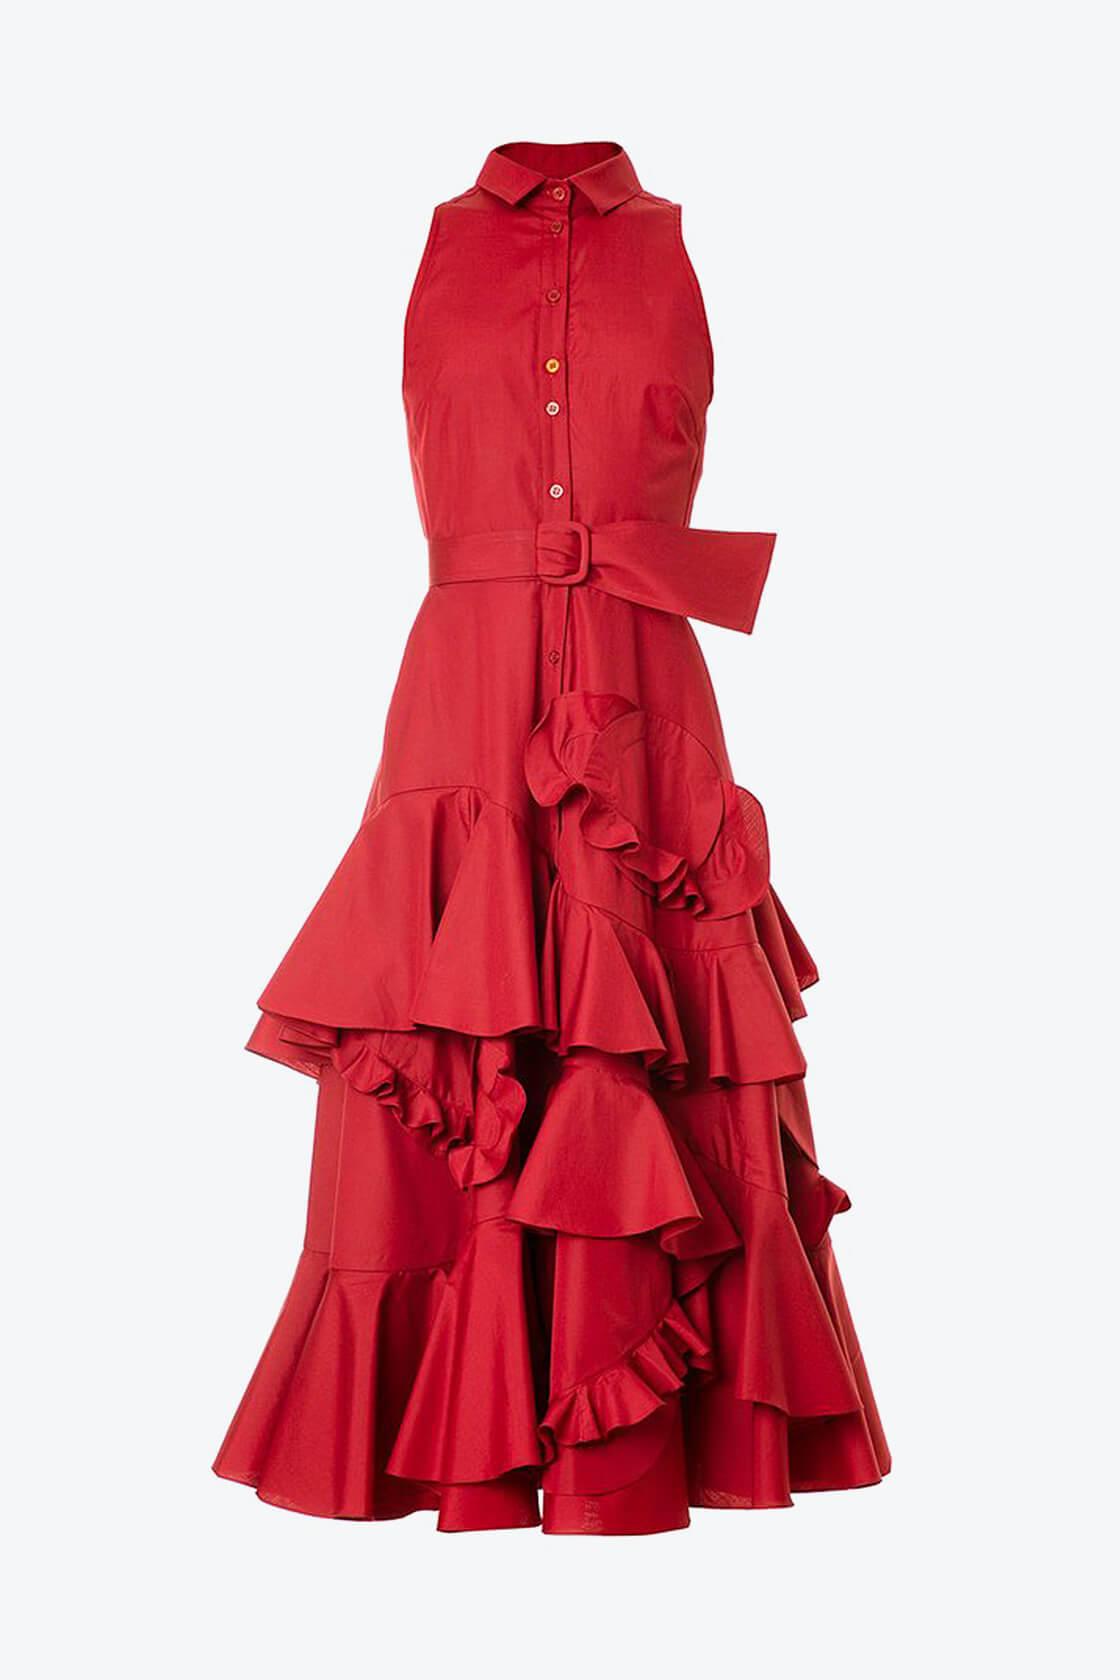 OL10000199 Planet dress1